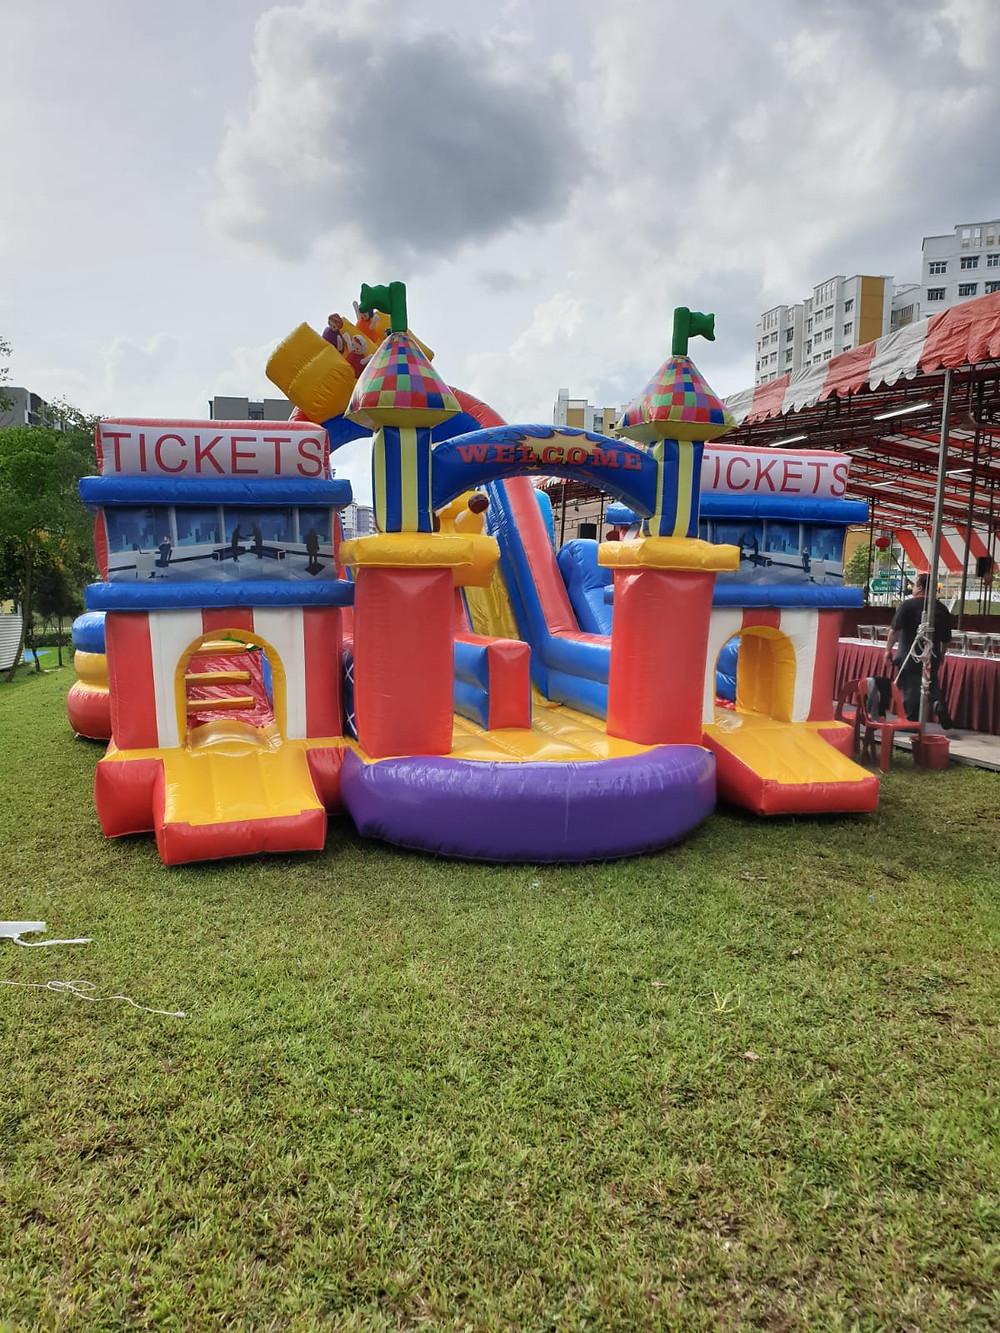 bouncy castle outside field